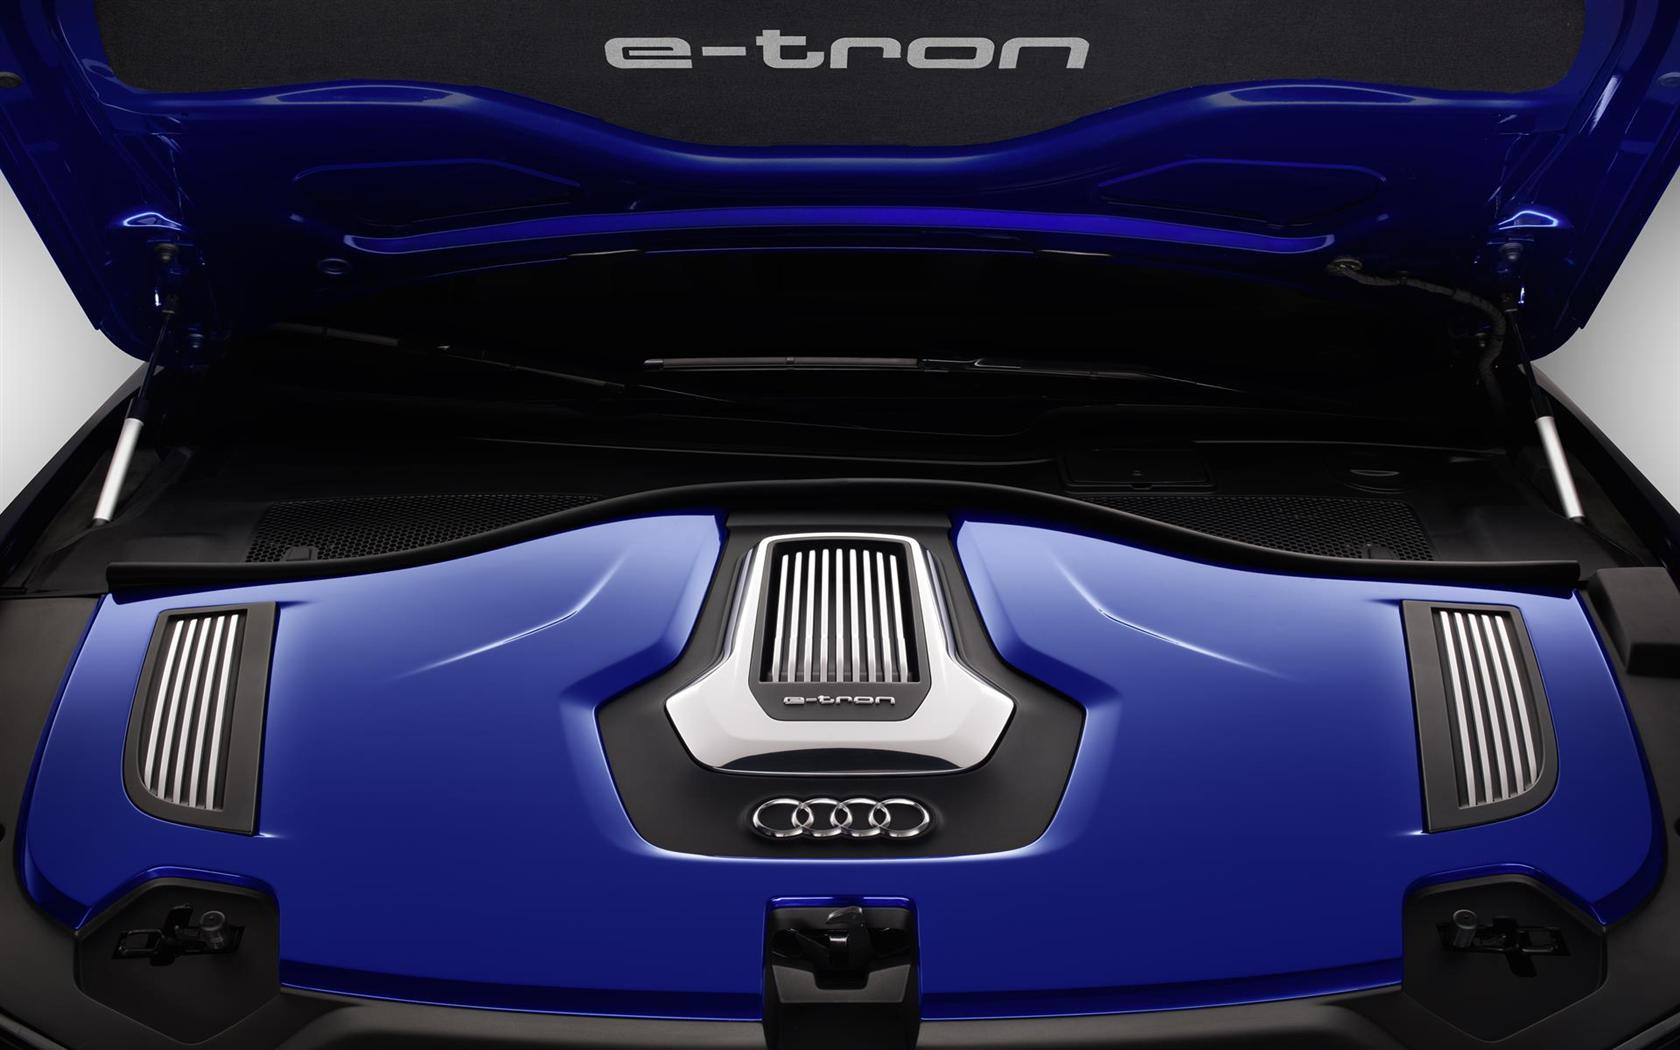 2015 Audi A6 L e-tron